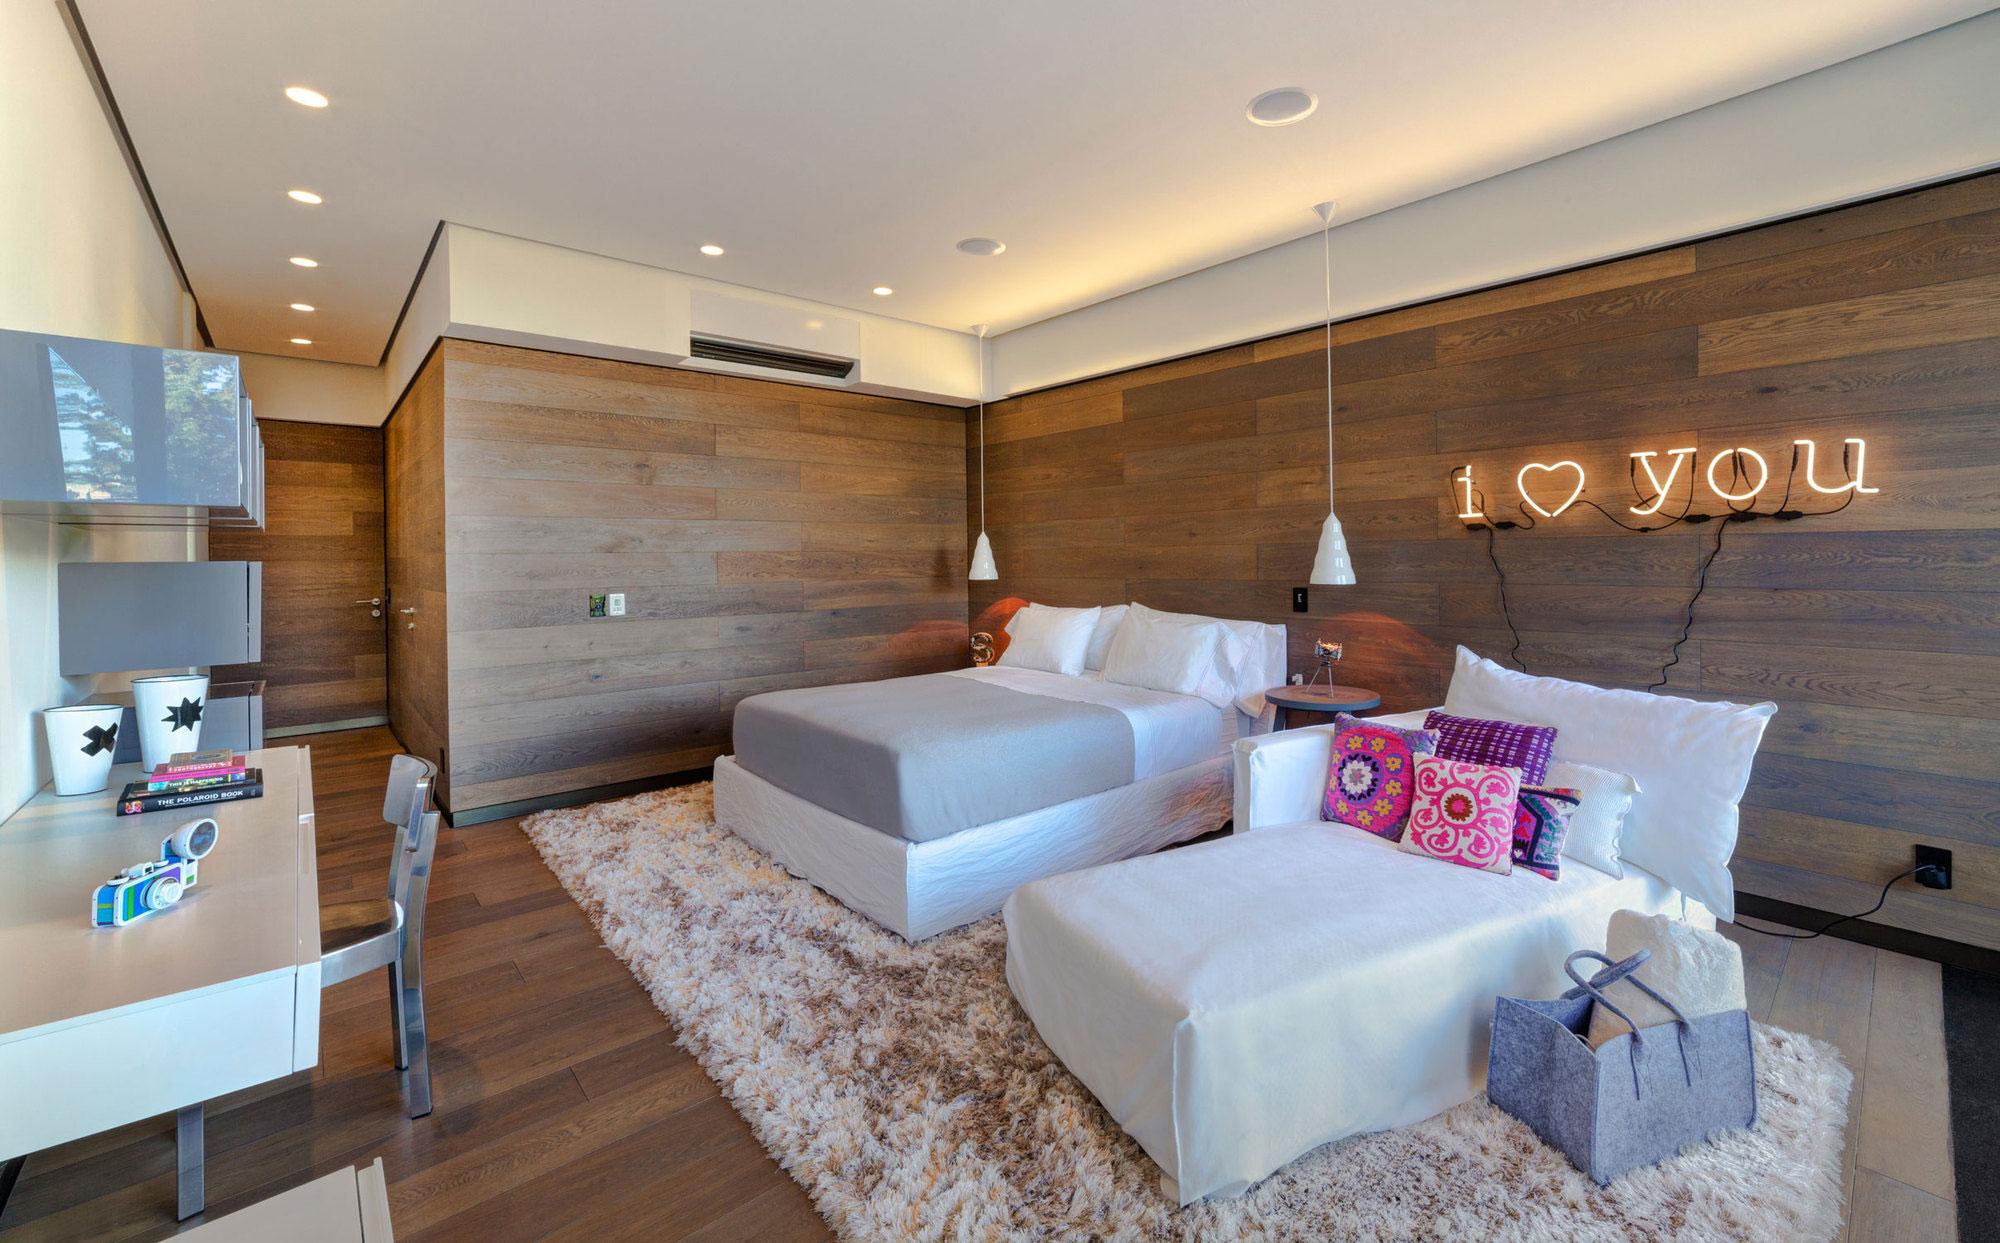 Dalias House grupoarquitectura-20